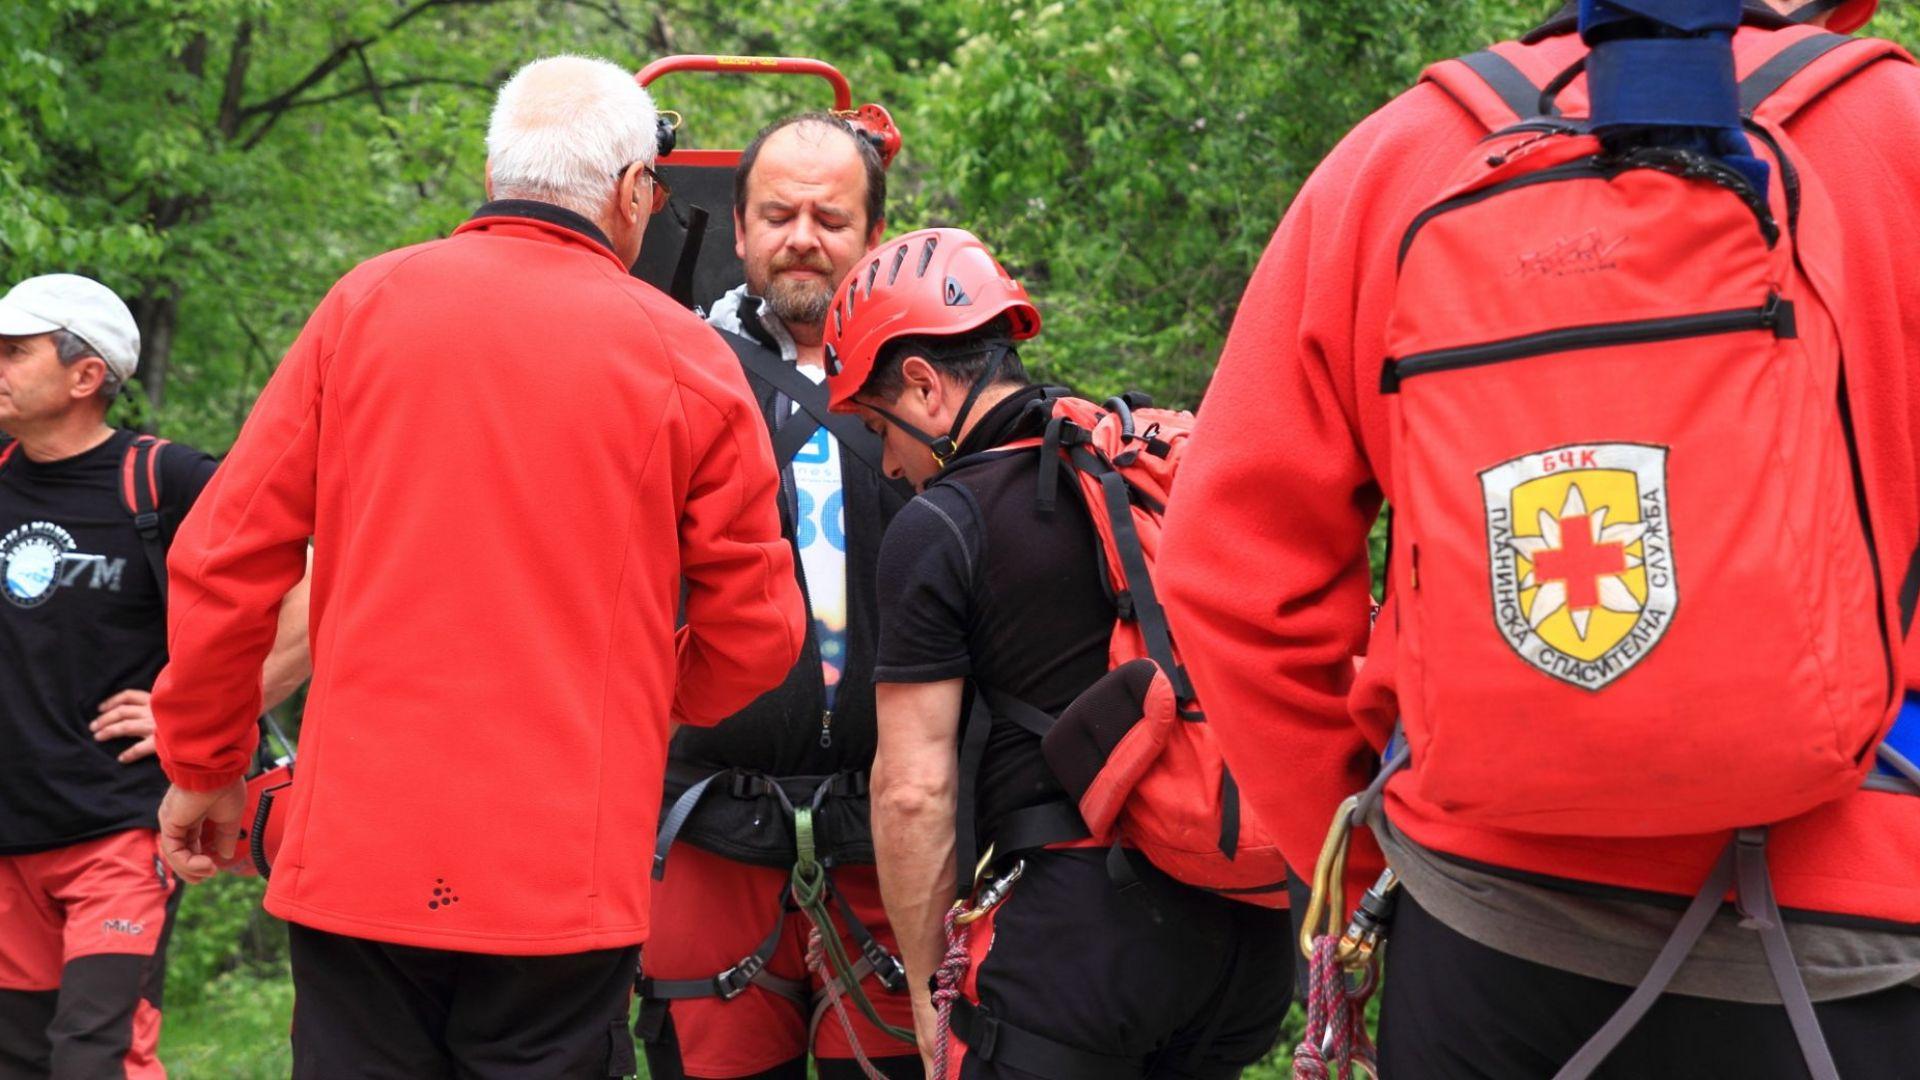 Диво прасе подплаши турист,  спасителите свалят пострадалия мъж